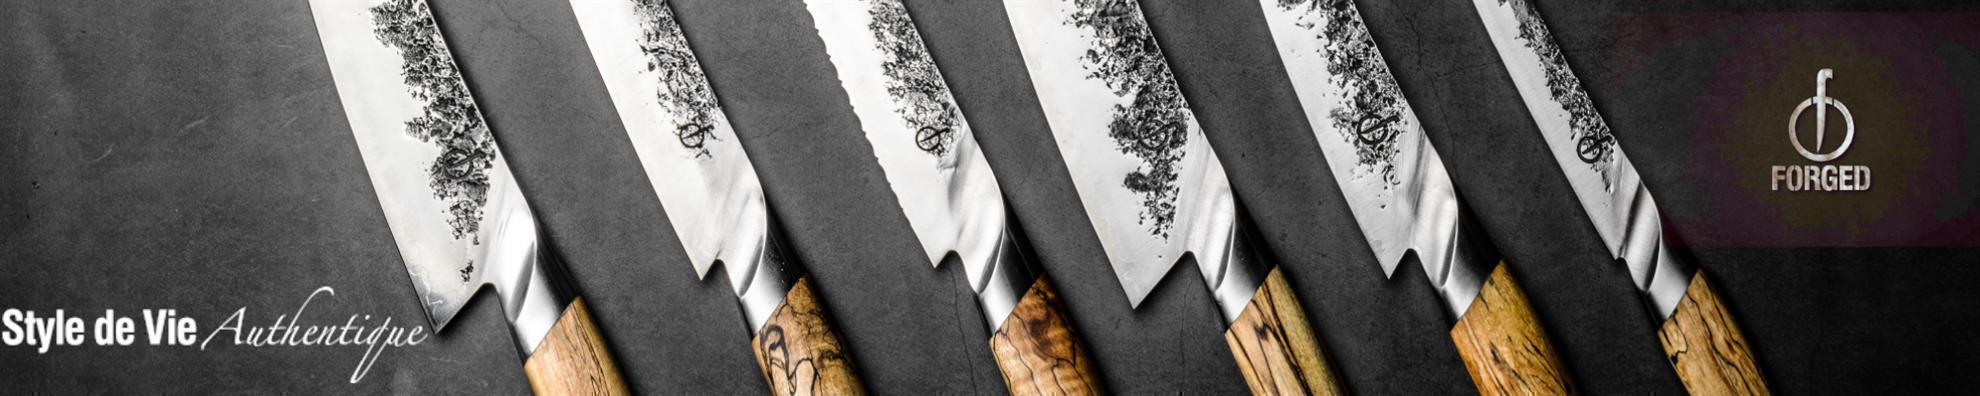 Forged - Intense Steakmesser